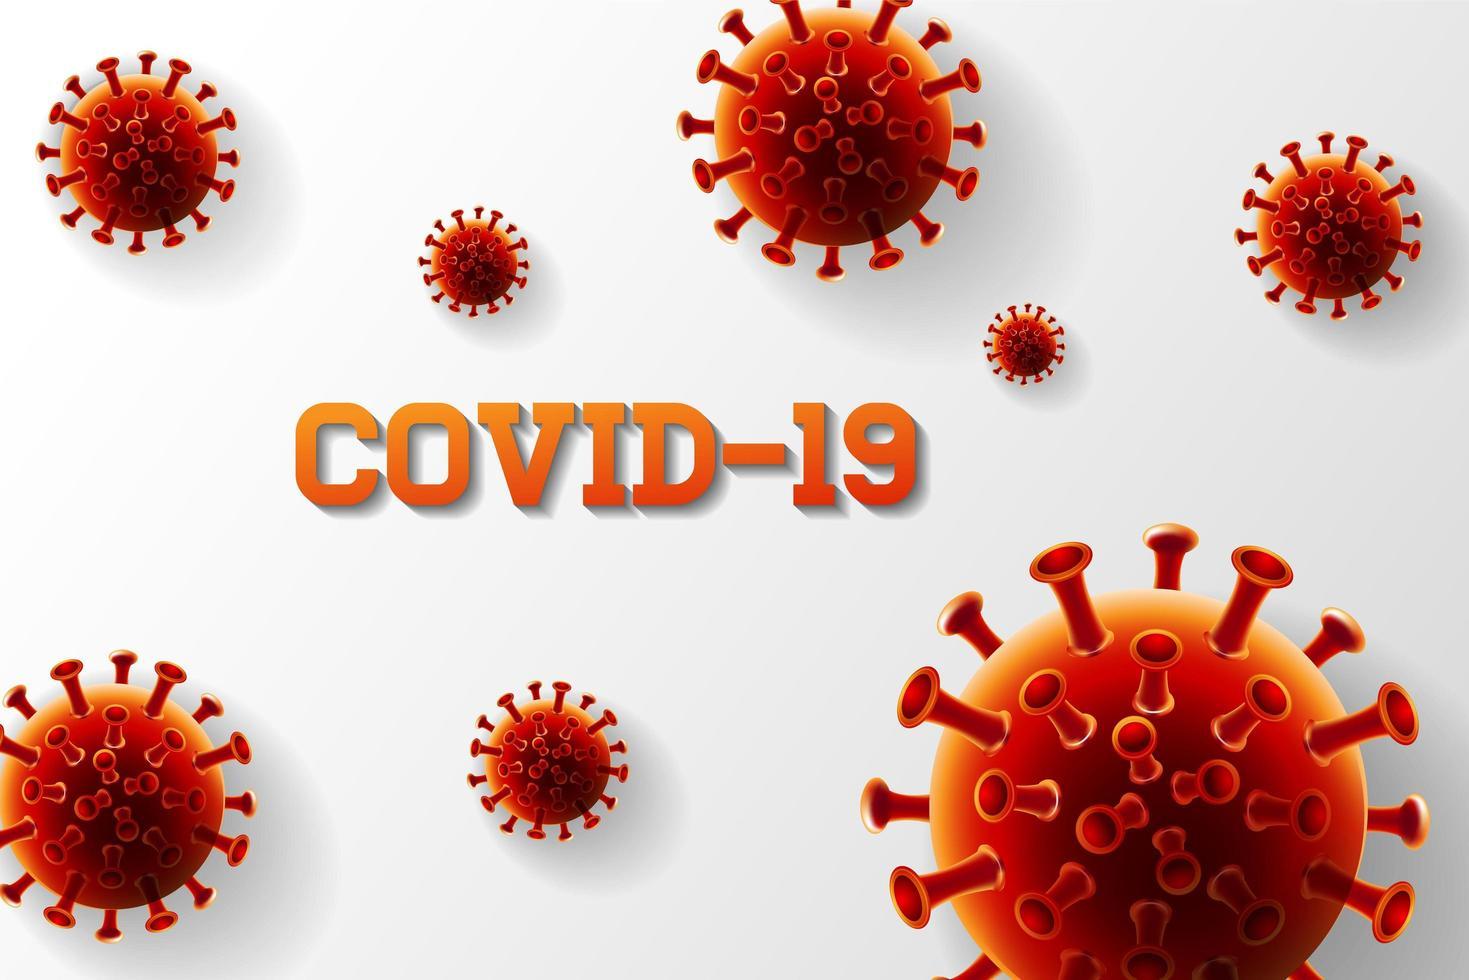 """Emergenza Covid-19, salgono i contagi a Triggiano e Acquaviva, il sindaco Donatelli """"Il virus non è in vacanza!"""""""